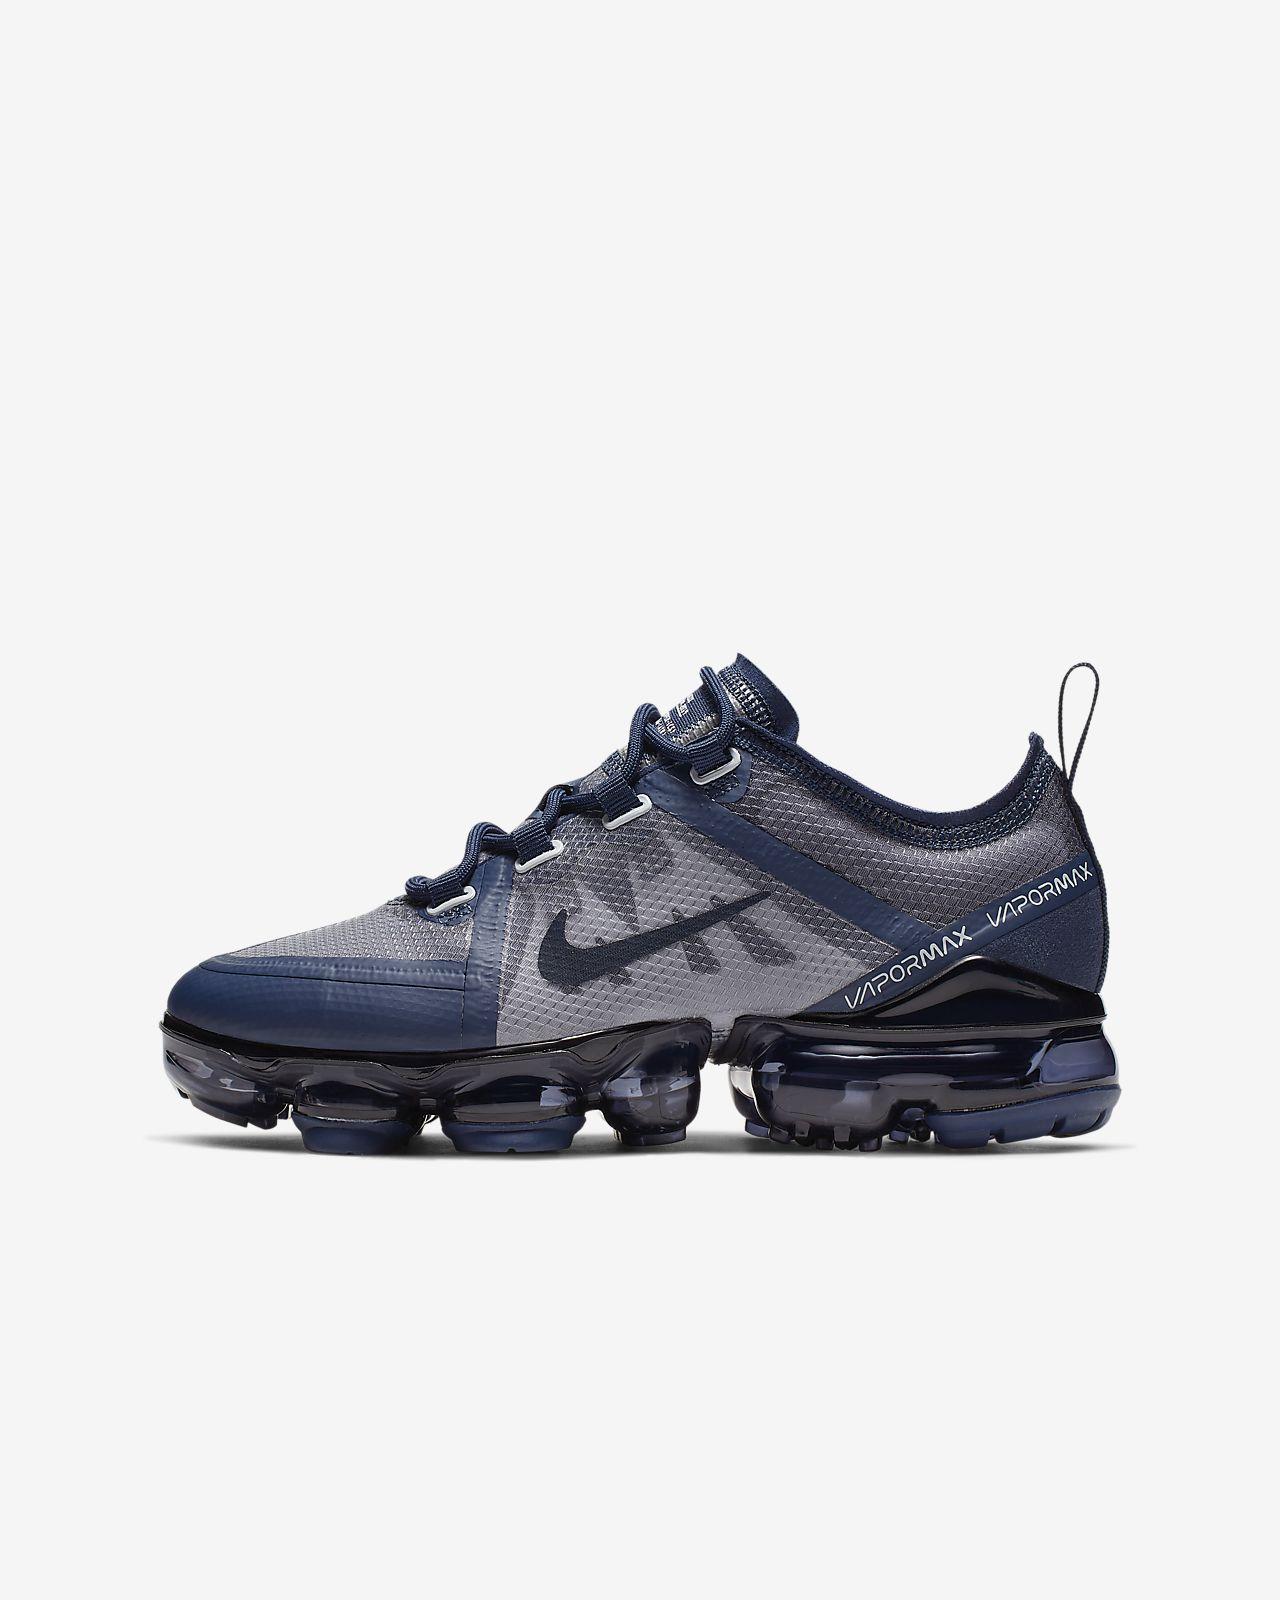 683f780ab81 Chaussure Nike Air VaporMax 2019 pour Enfant plus âgé. Nike.com FR